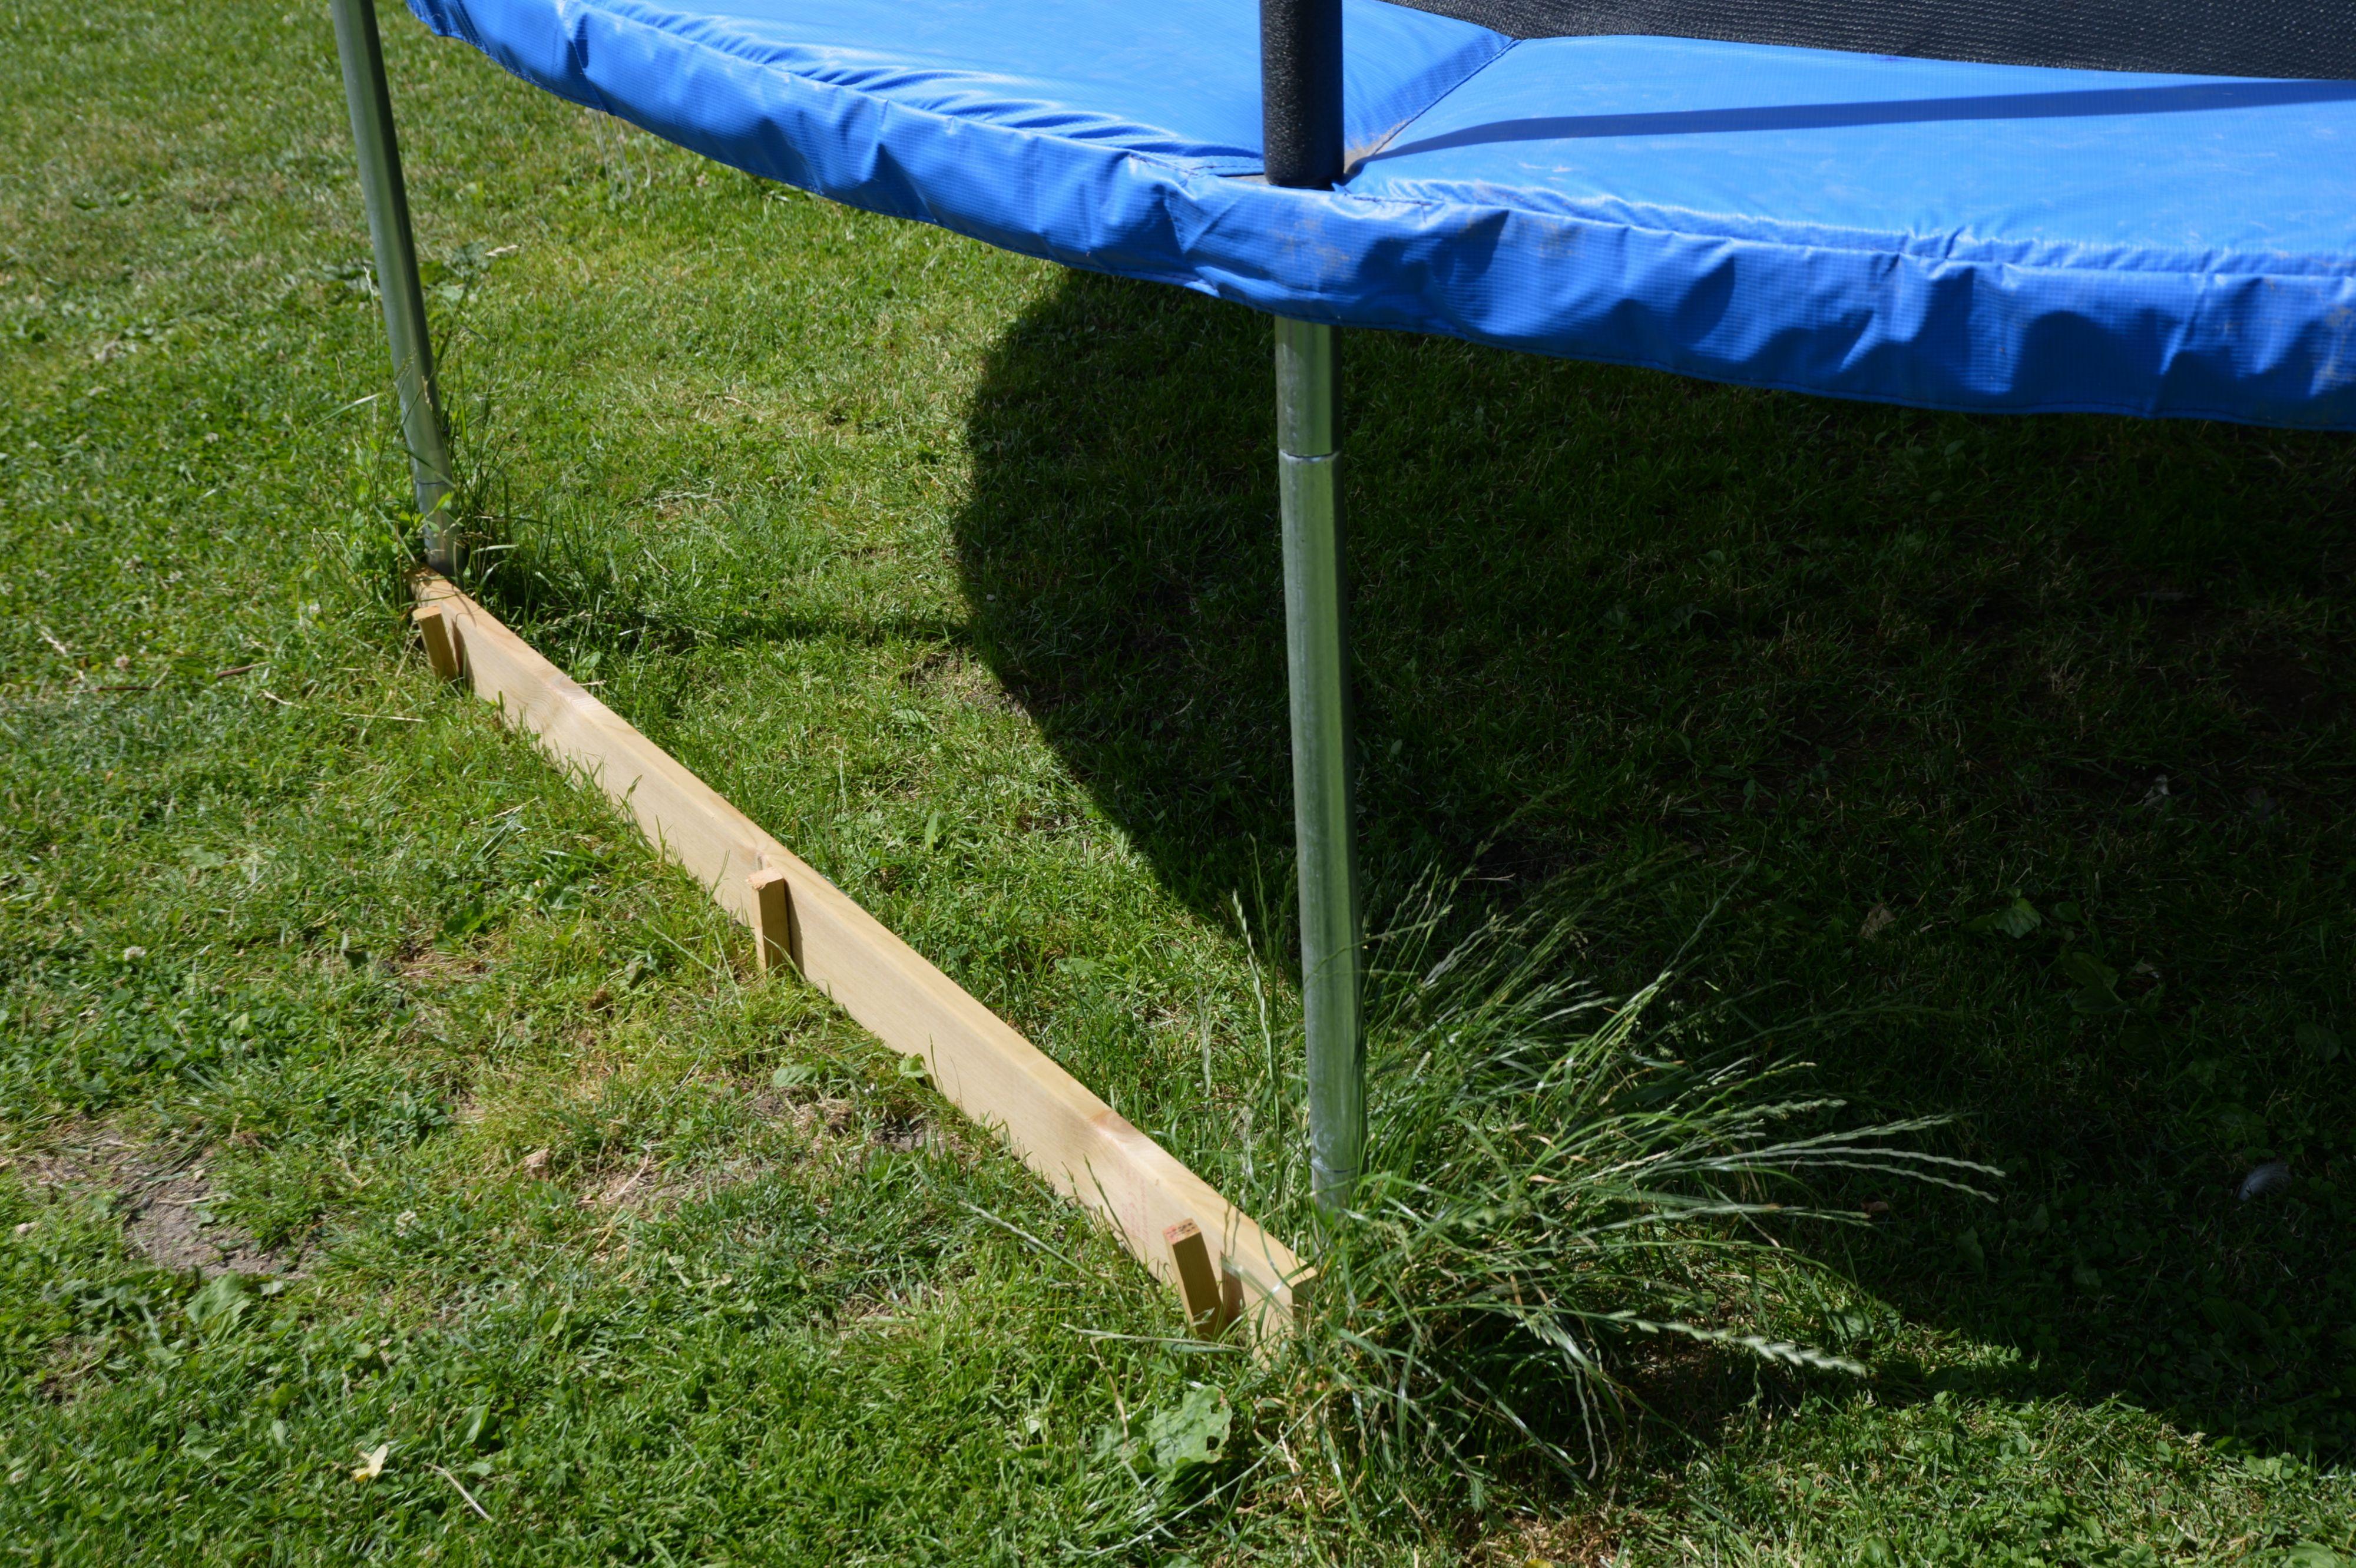 Trampoliner er en robotklipper-fanger. Sørg for å sette opp en planke eller tilsvarende som er høy nok til at støtfangeren treffer den.